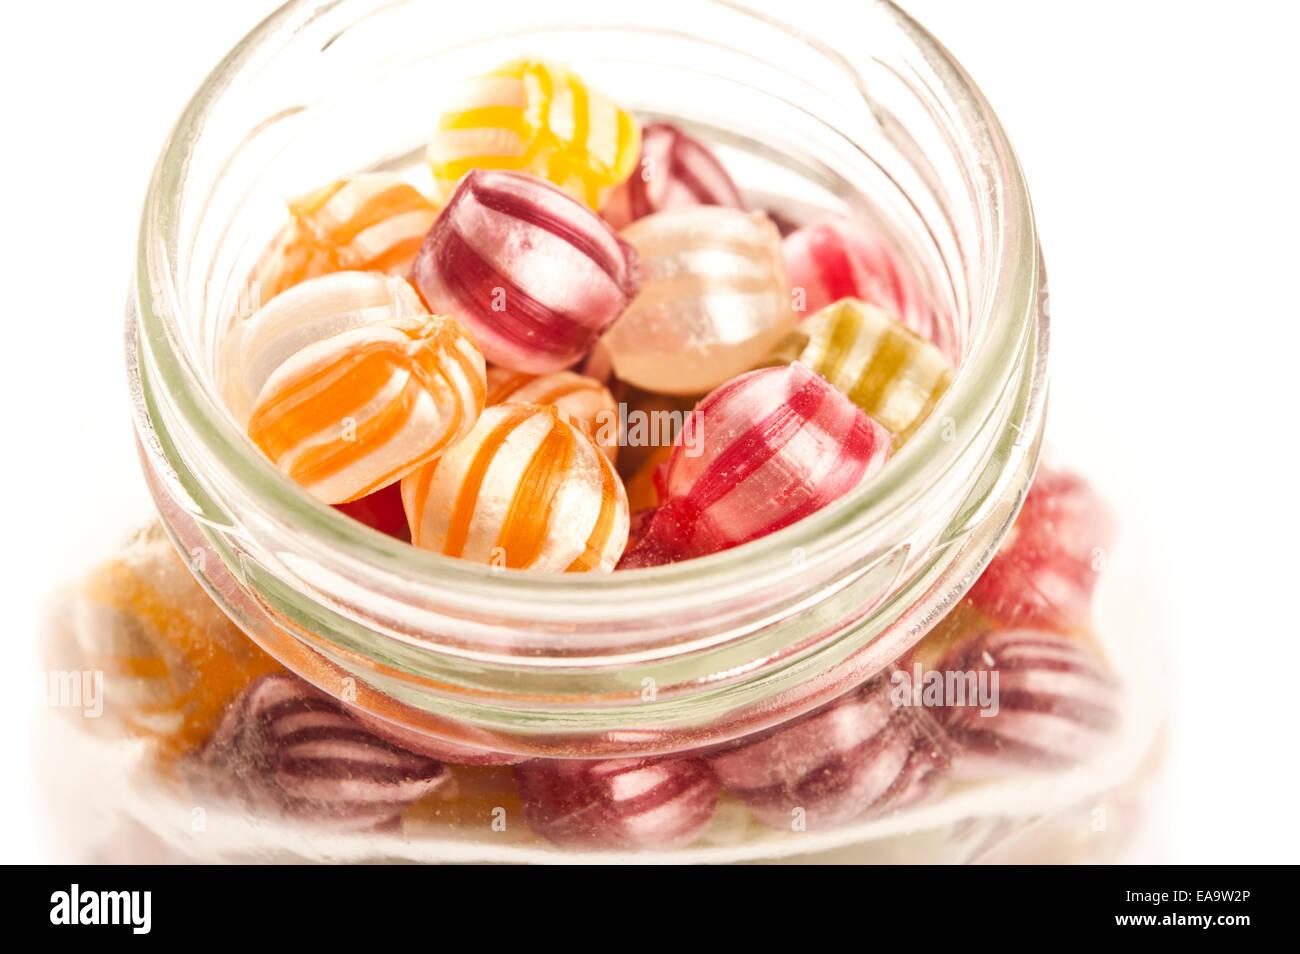 Vaso di frutti canditi Sig.ra Ponti Immagini Stock